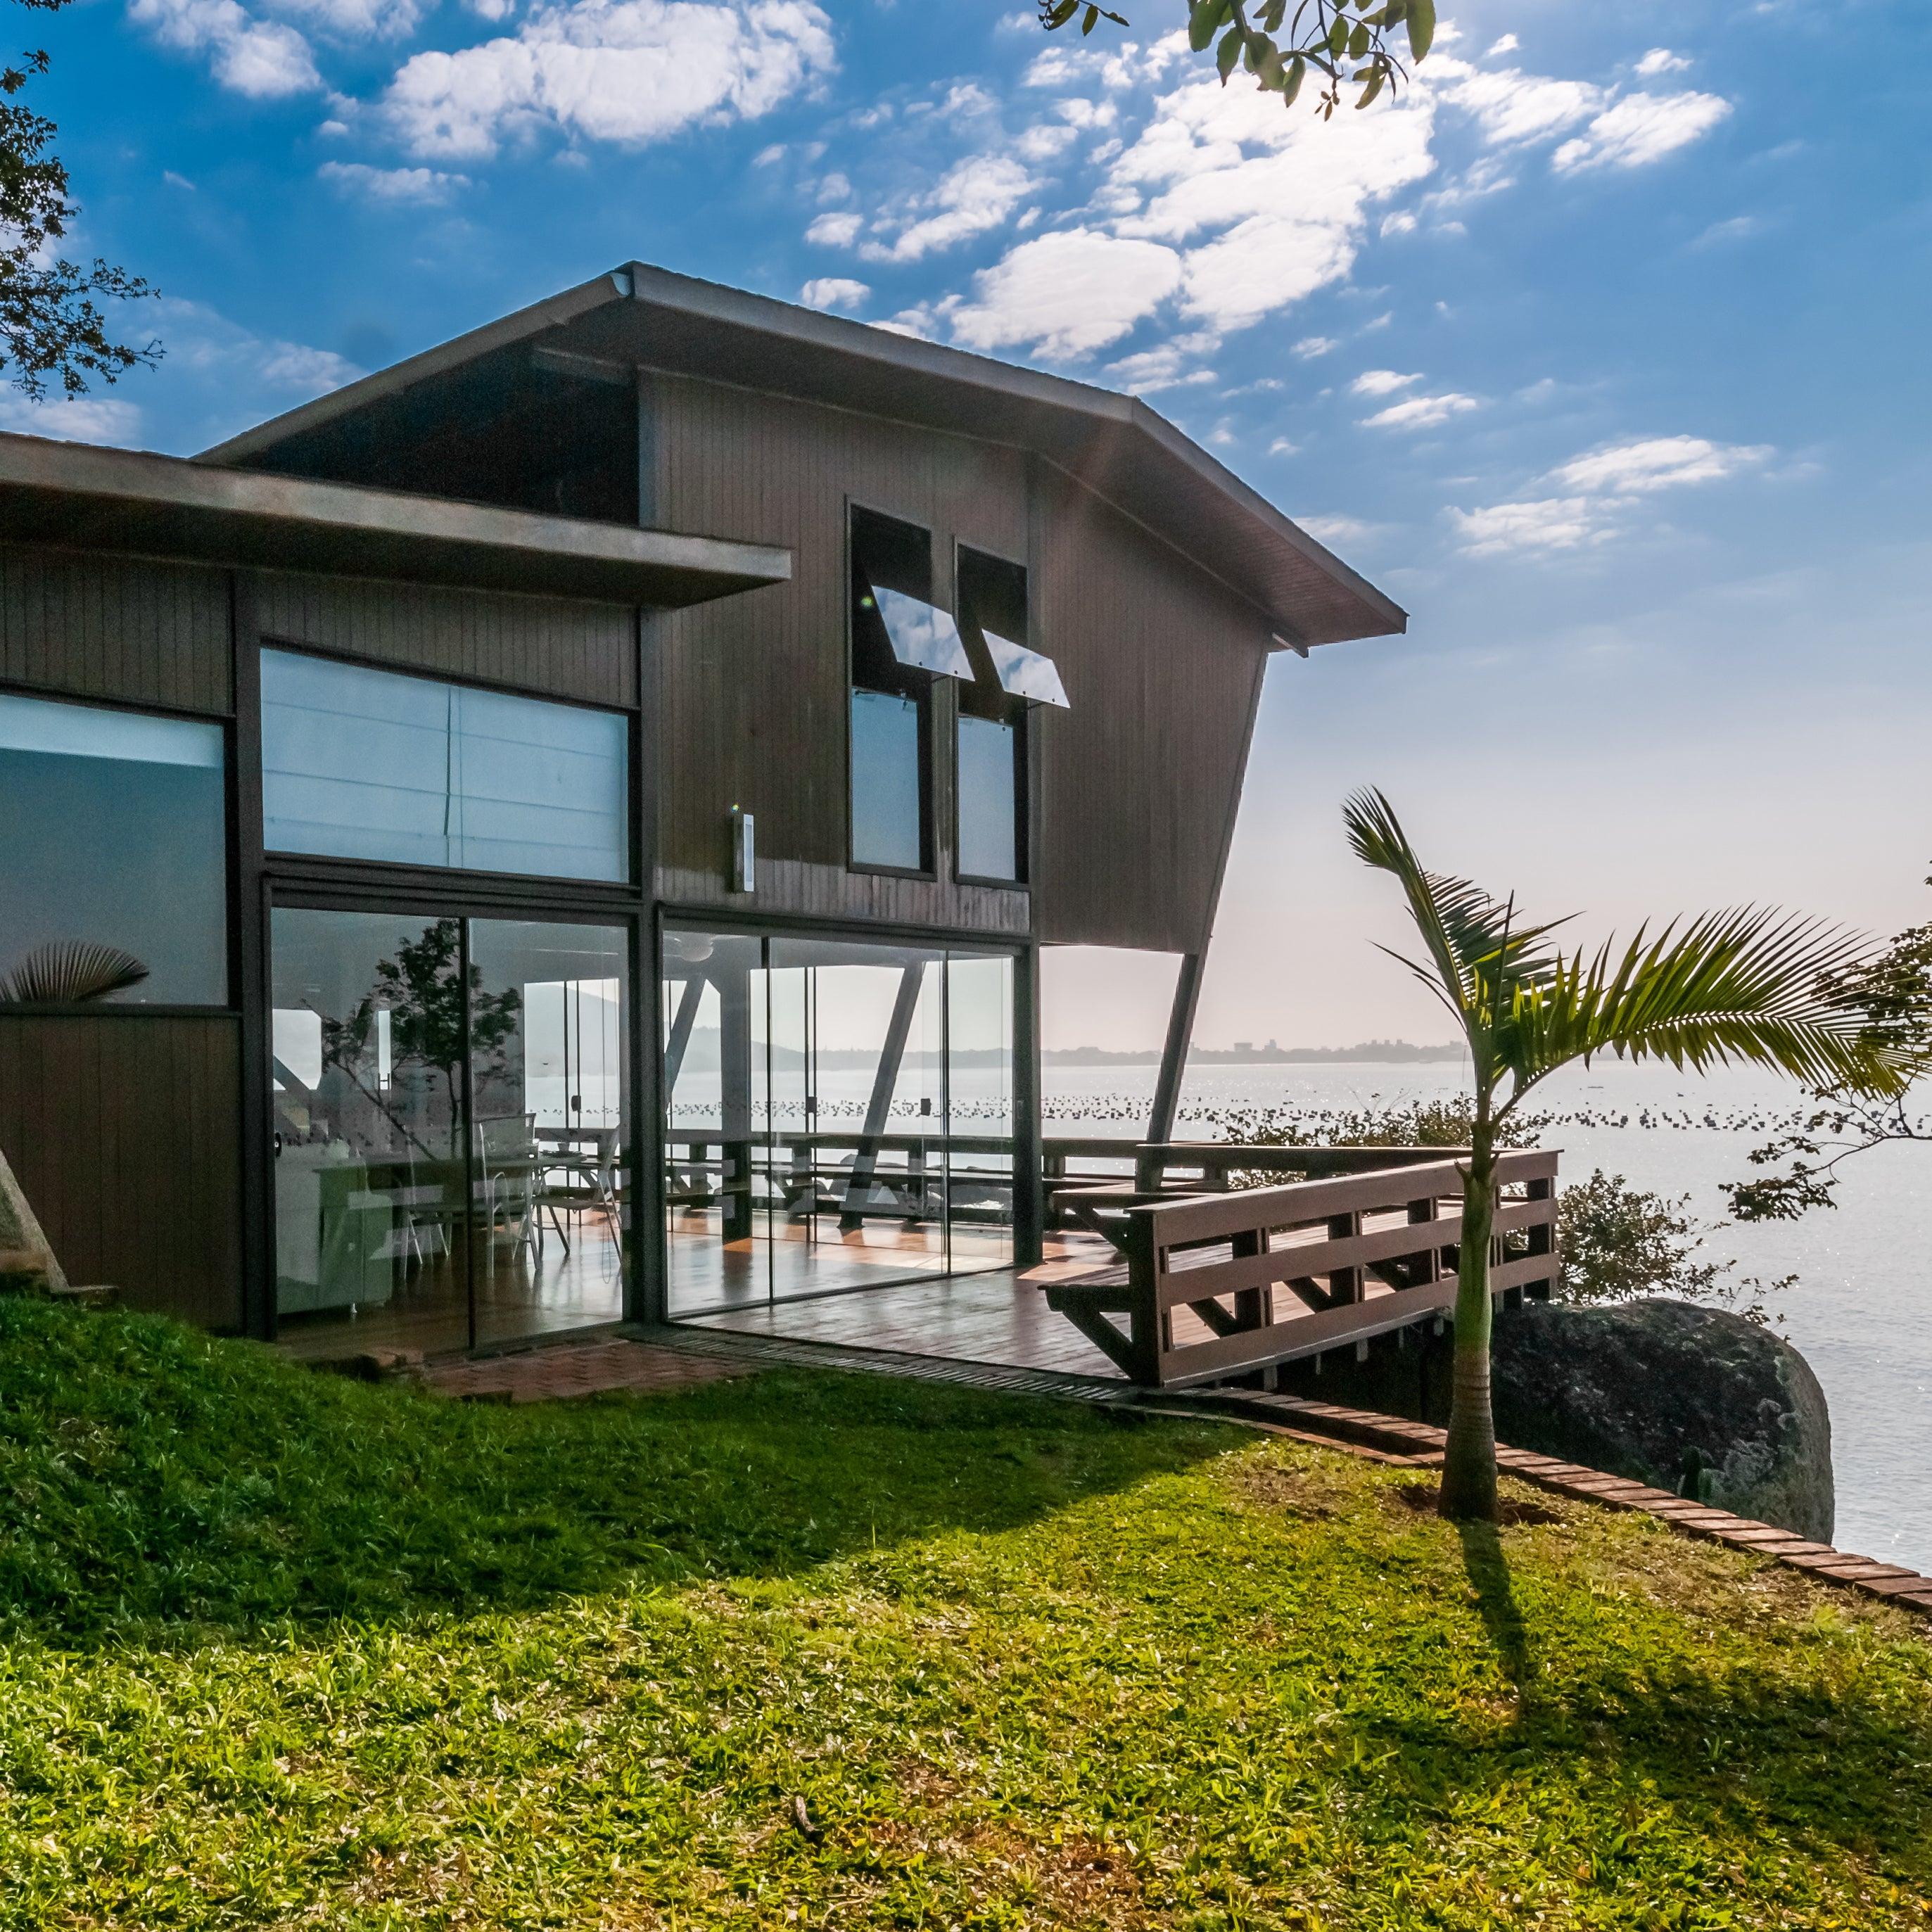 Home overlooking water